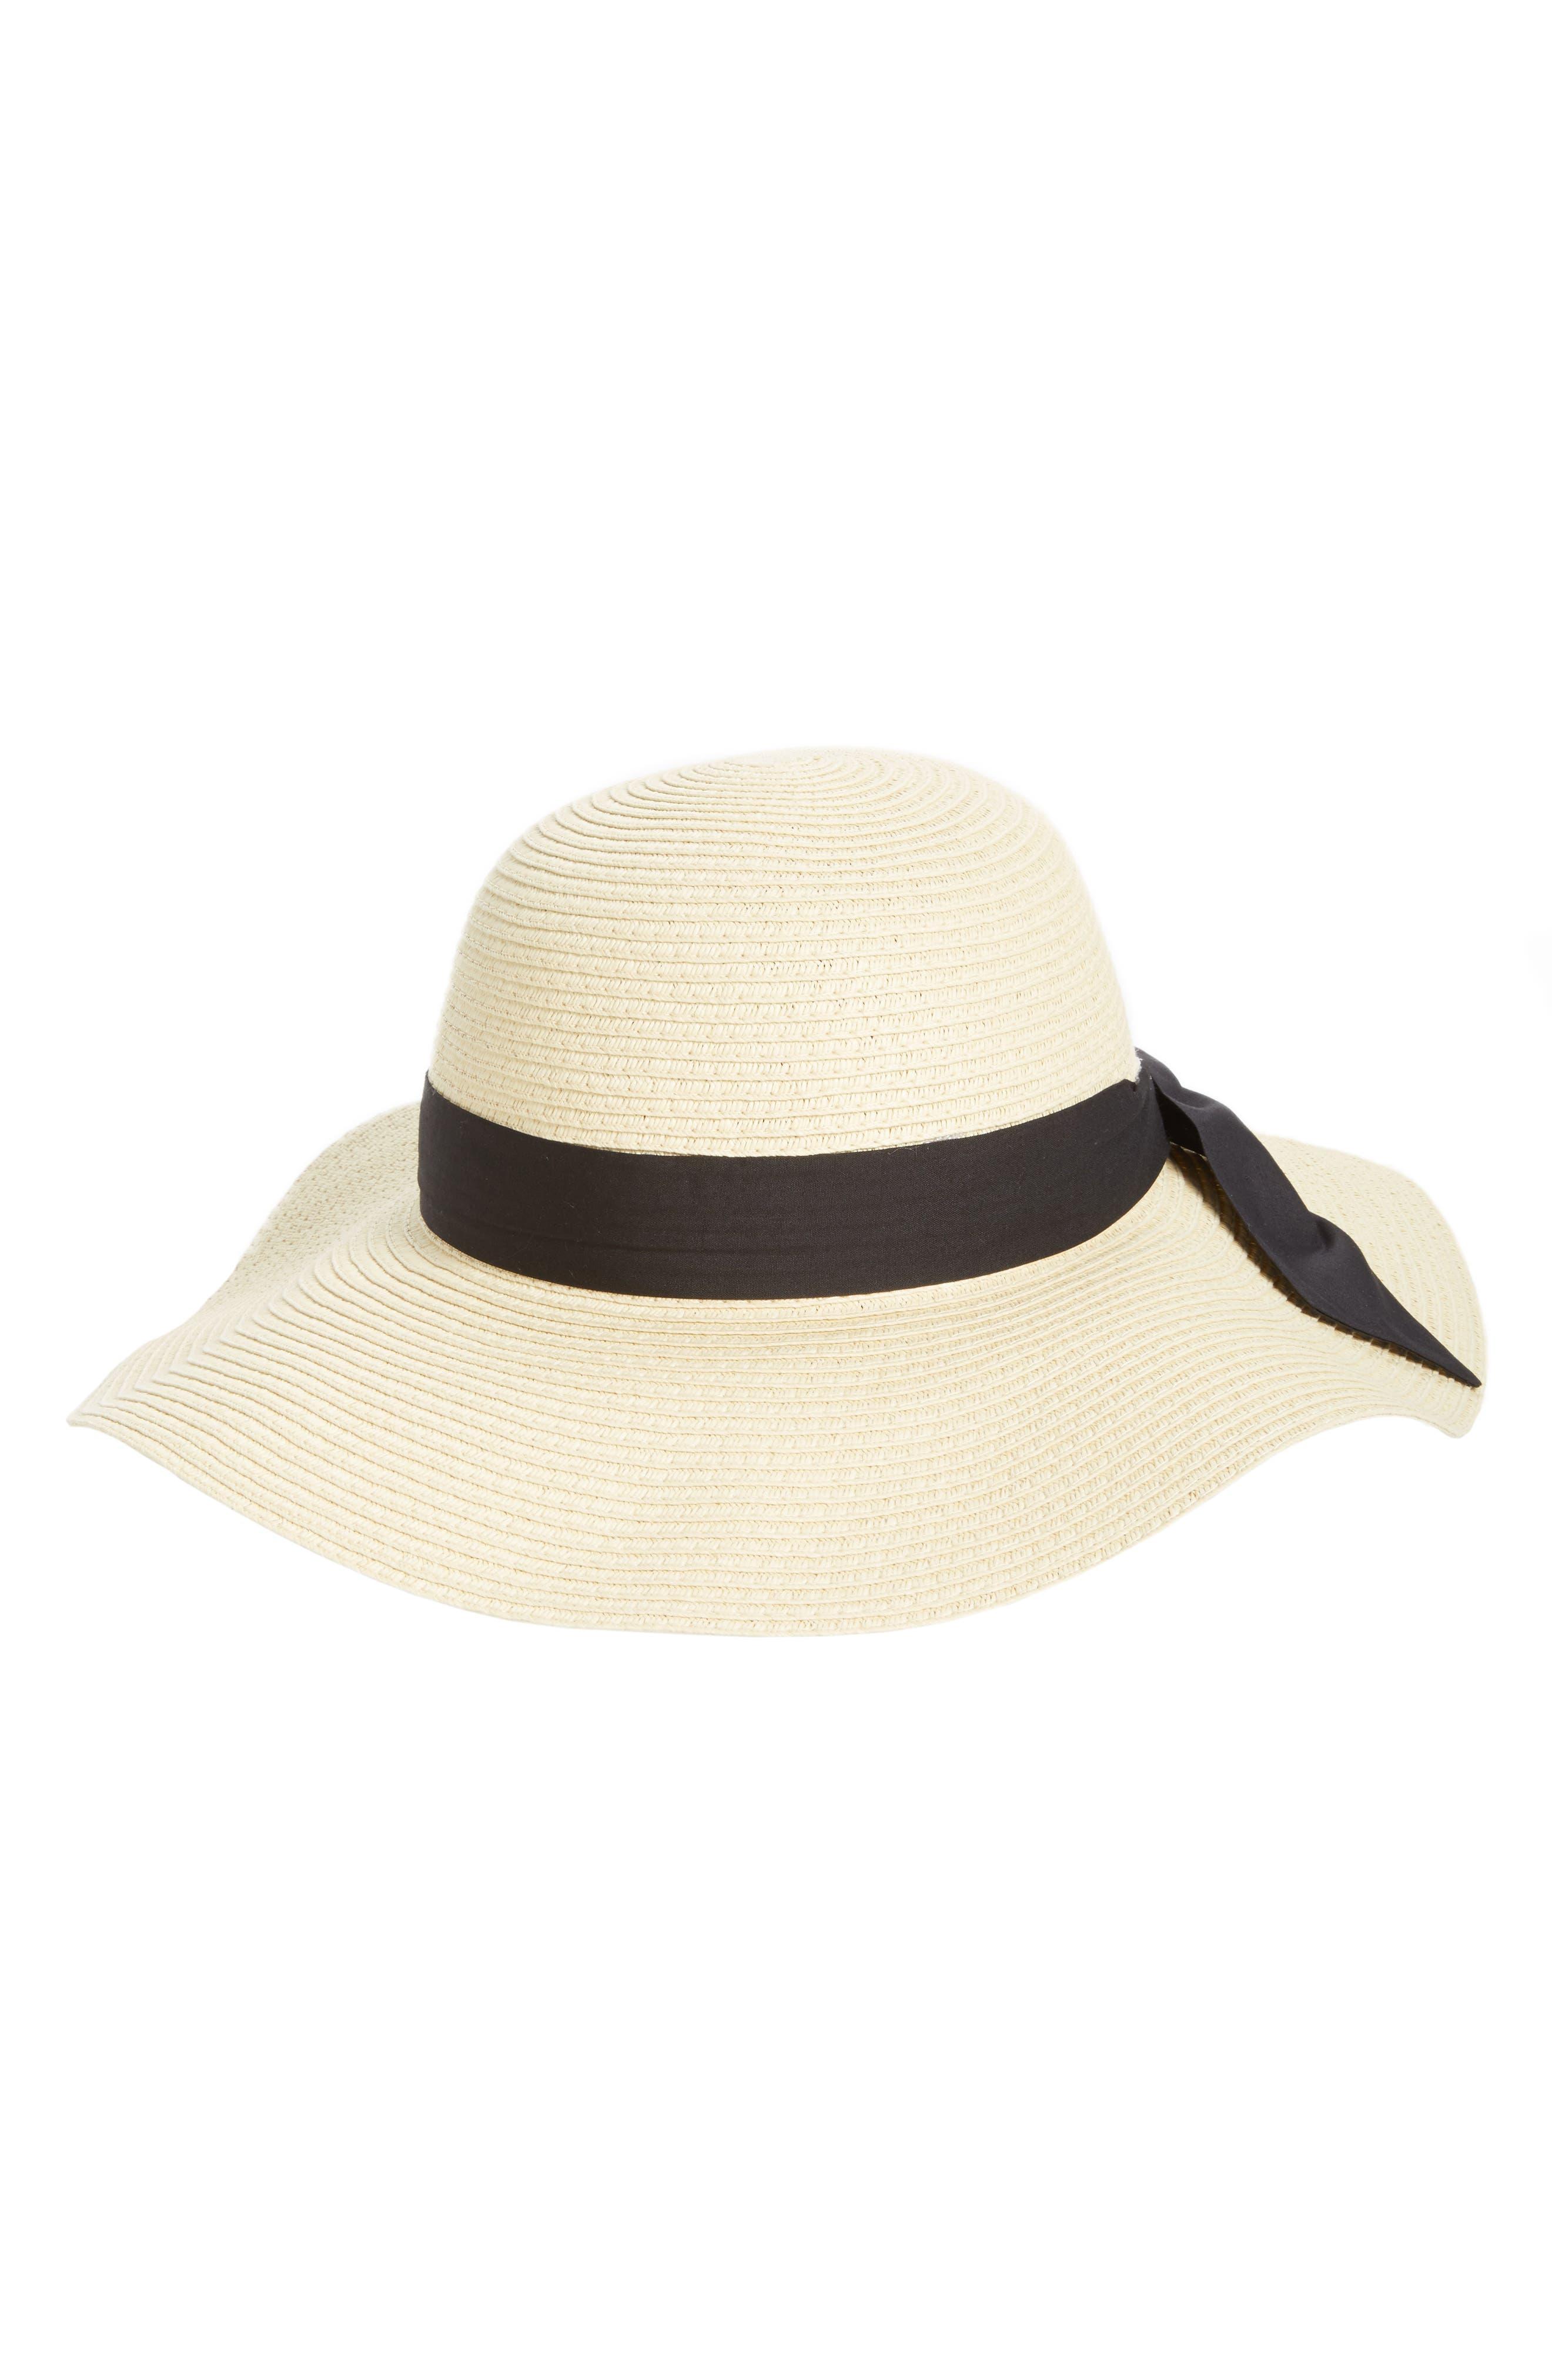 BP., Bow Band Floppy Straw Hat, Main thumbnail 1, color, NATURAL/ BLACK